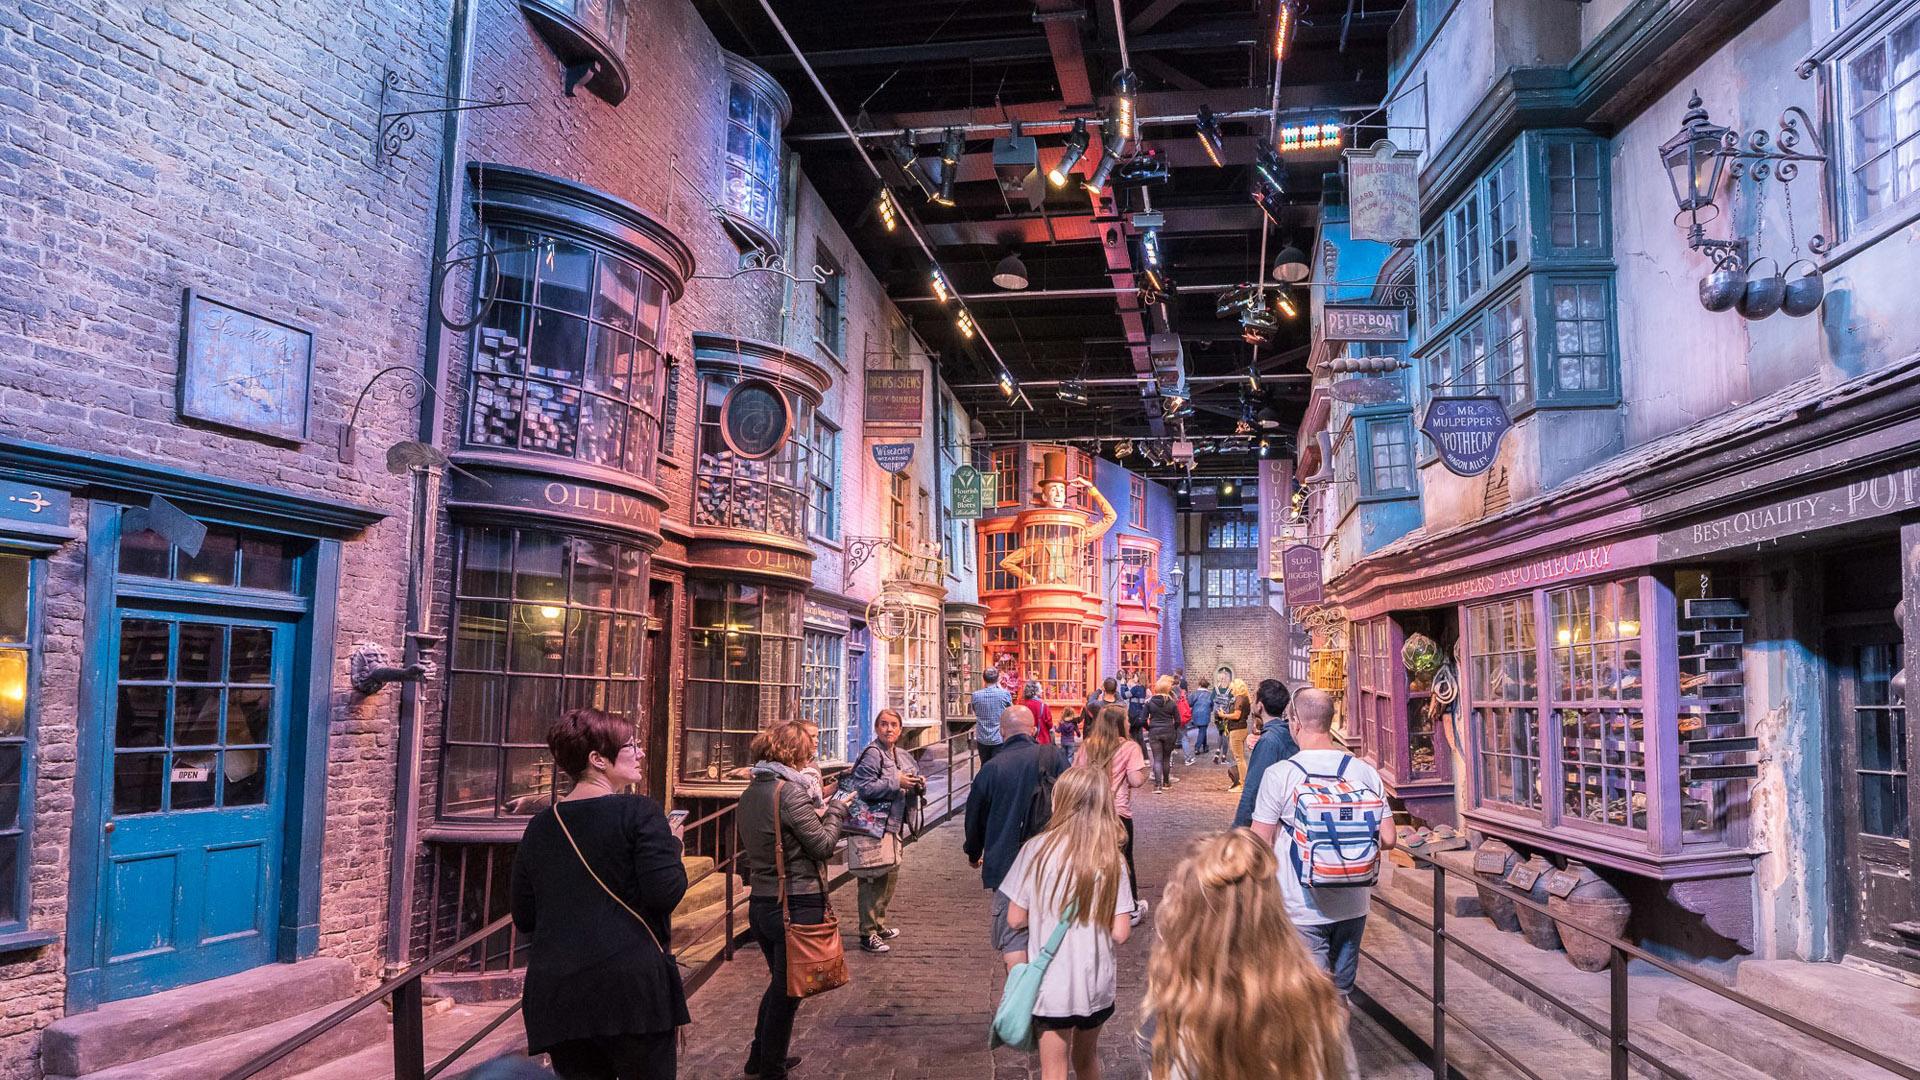 Durante el tour se puede visitar el mundo mágico de Harry Potter